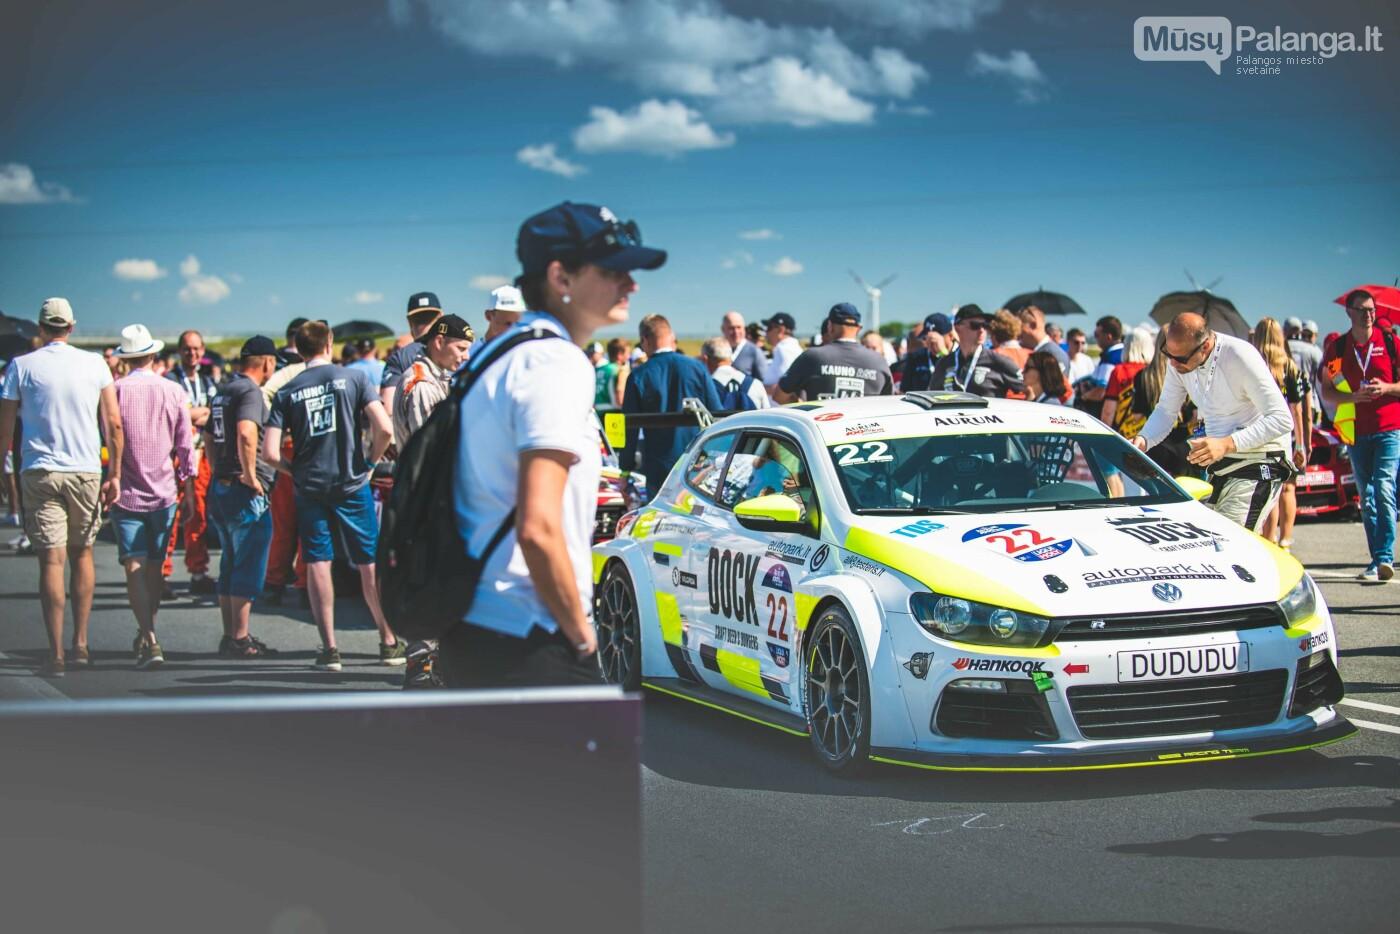 """Palangoje startavo """"Aurum 1006 km"""" lenktynės, nuotrauka-13, Vytauto PILKAUSKO ir Arno STRUMILOS nuotr."""